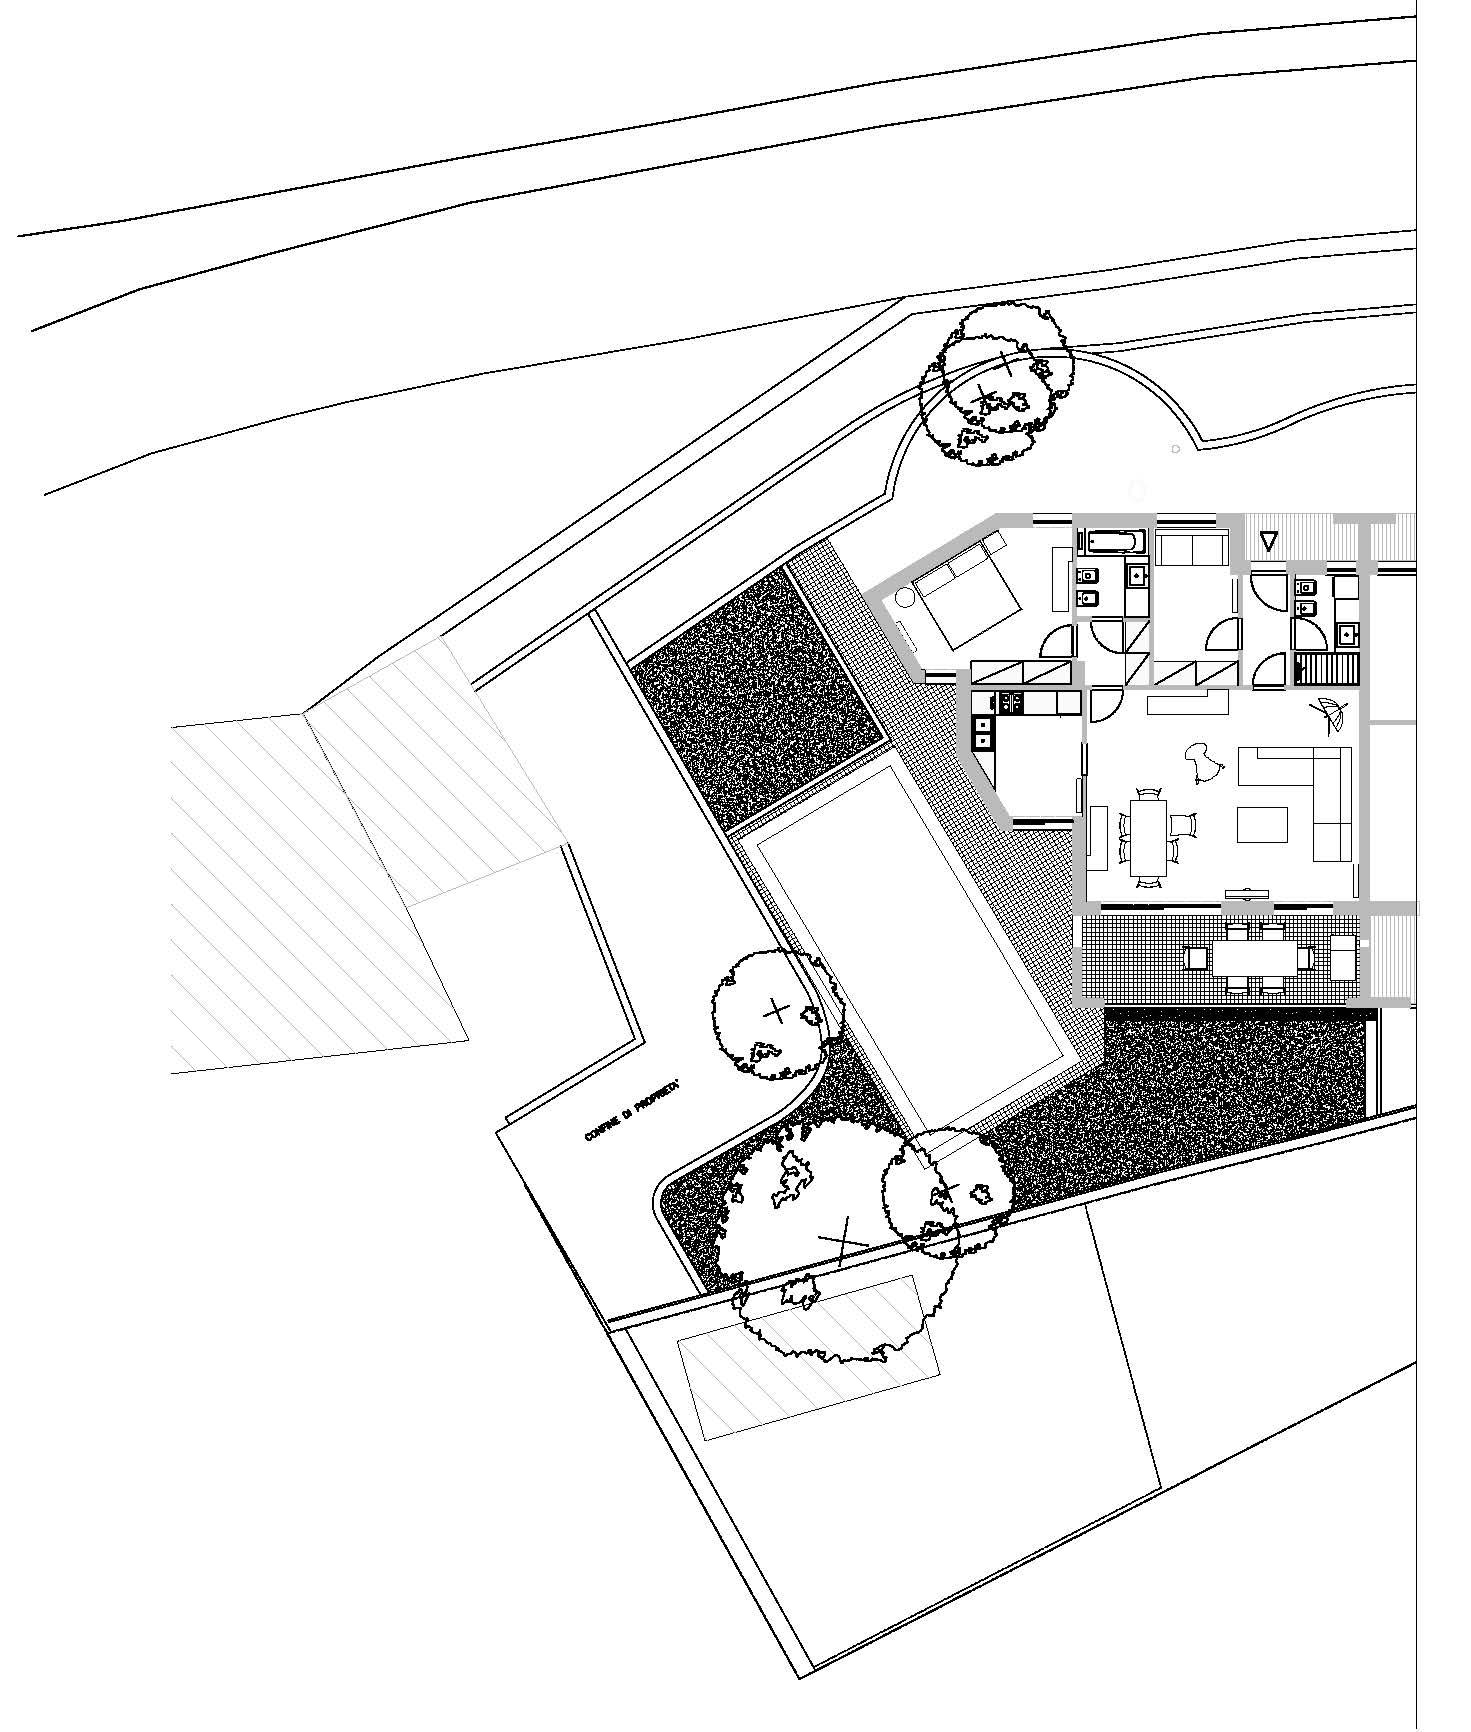 appartamento via romagna Model (1)